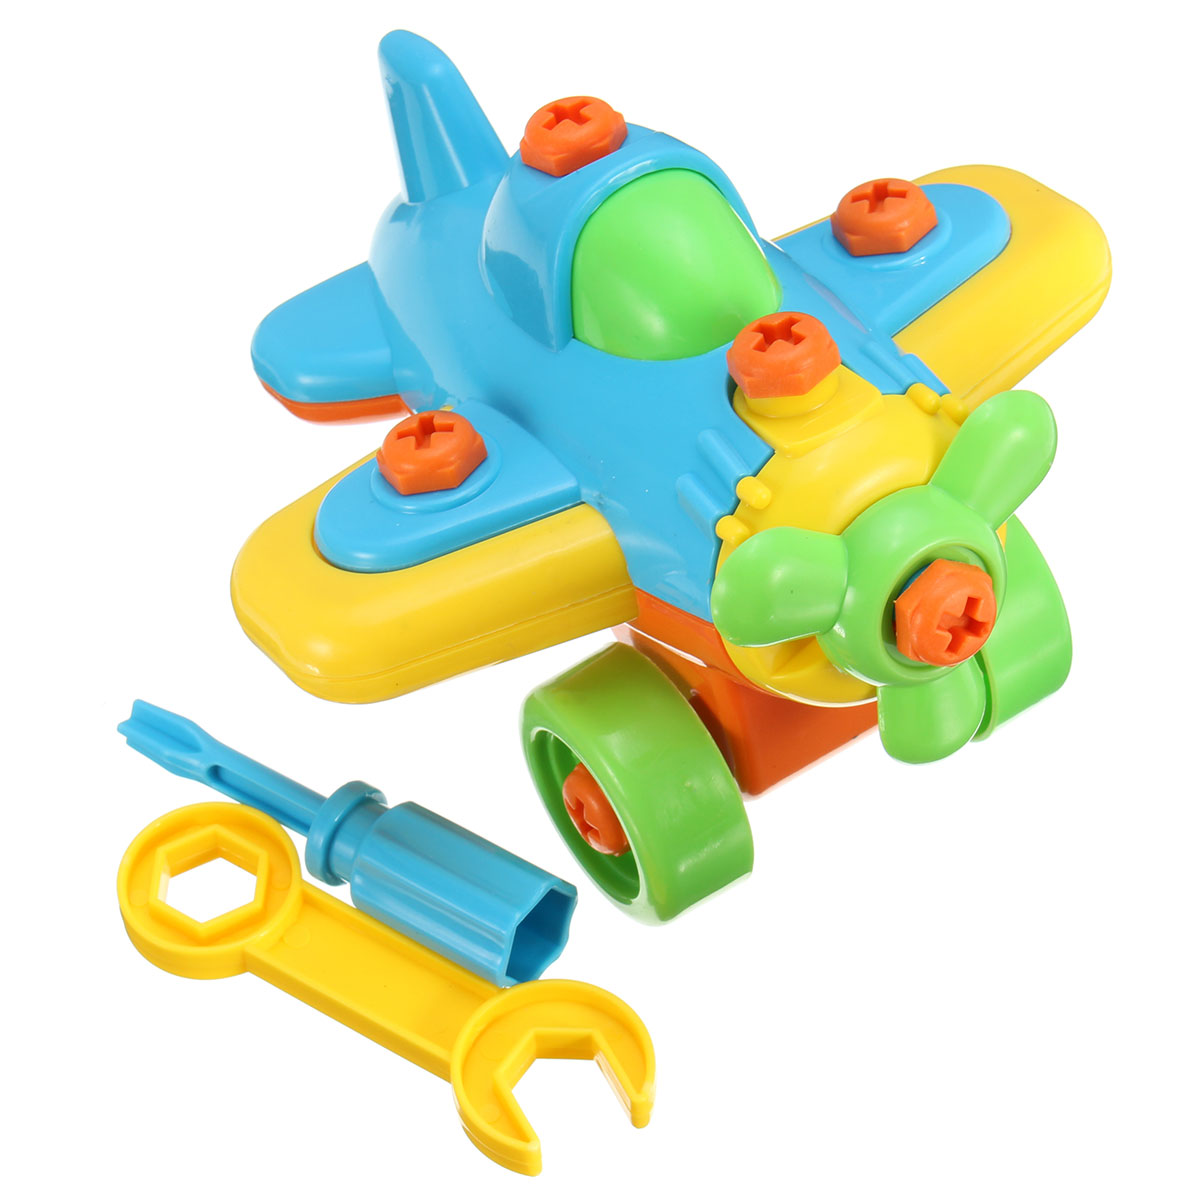 Новый DIY Разборки Небольшой Самолет Строительные Блоки Детей Собраны Модели зажим Инструмент С Отверткой Развивающие Игрушки